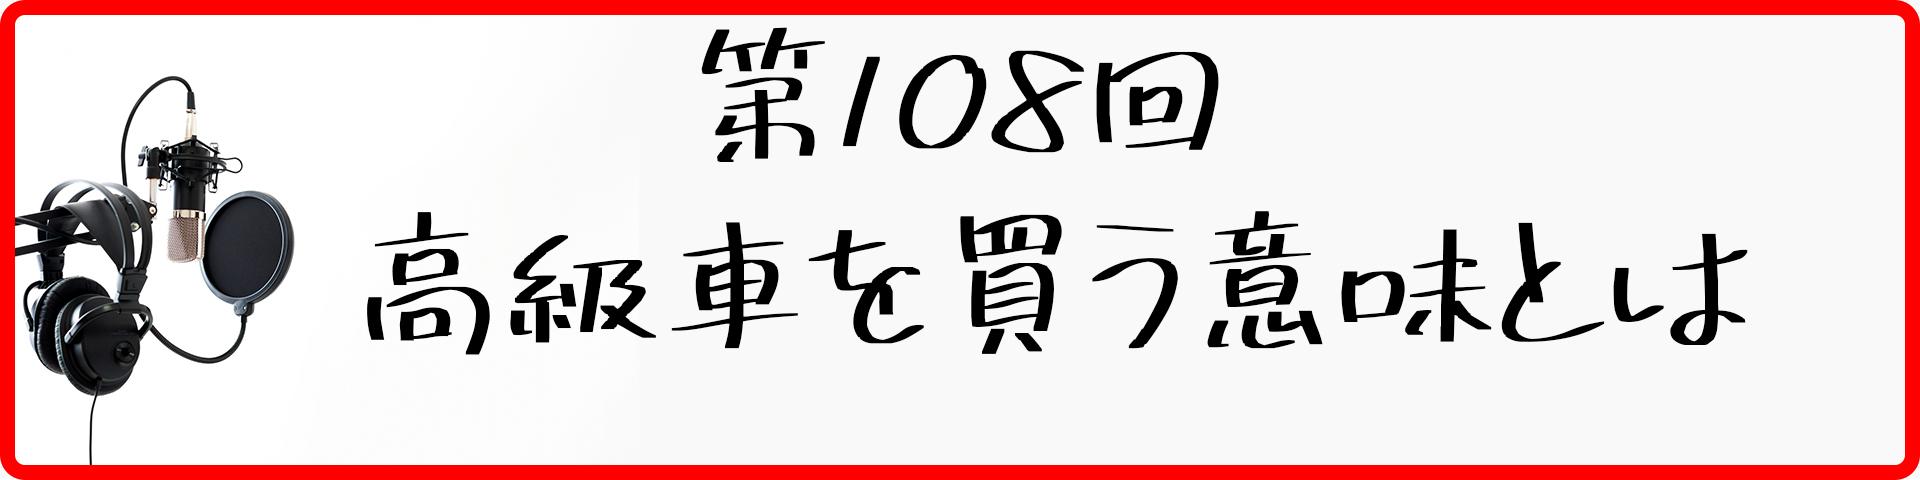 第108回